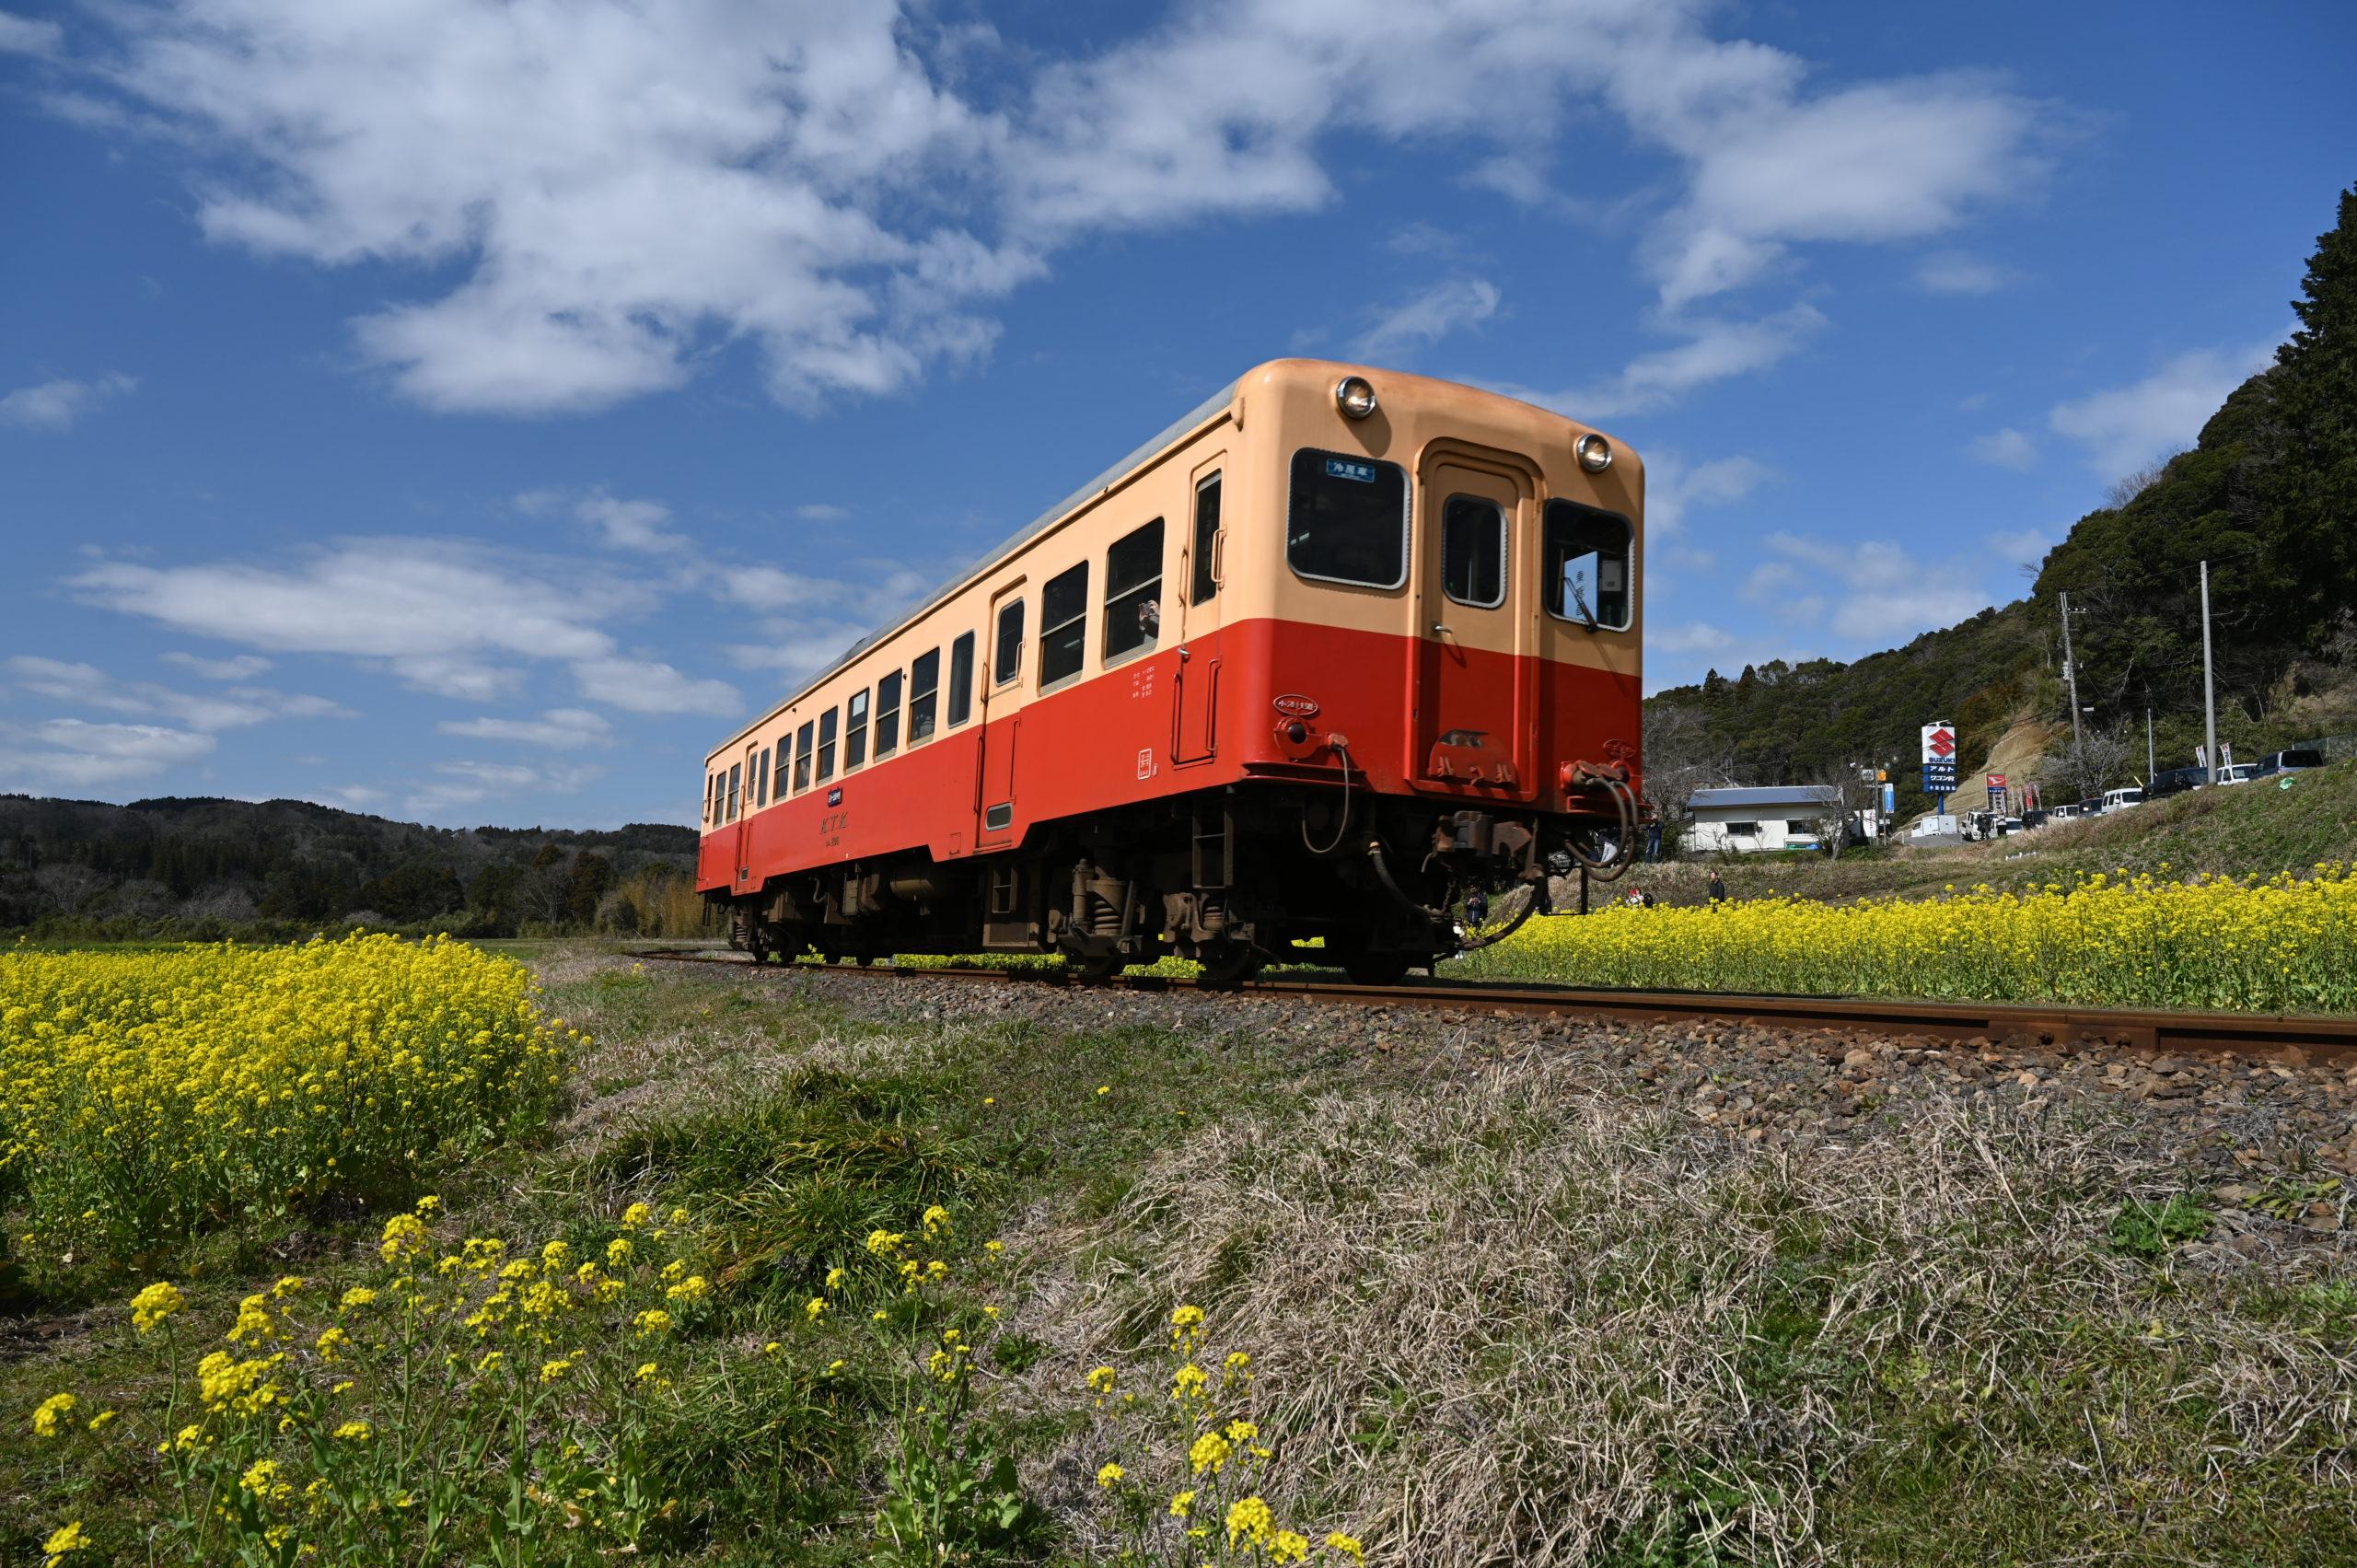 小湊鉄道 石神菜の花畑